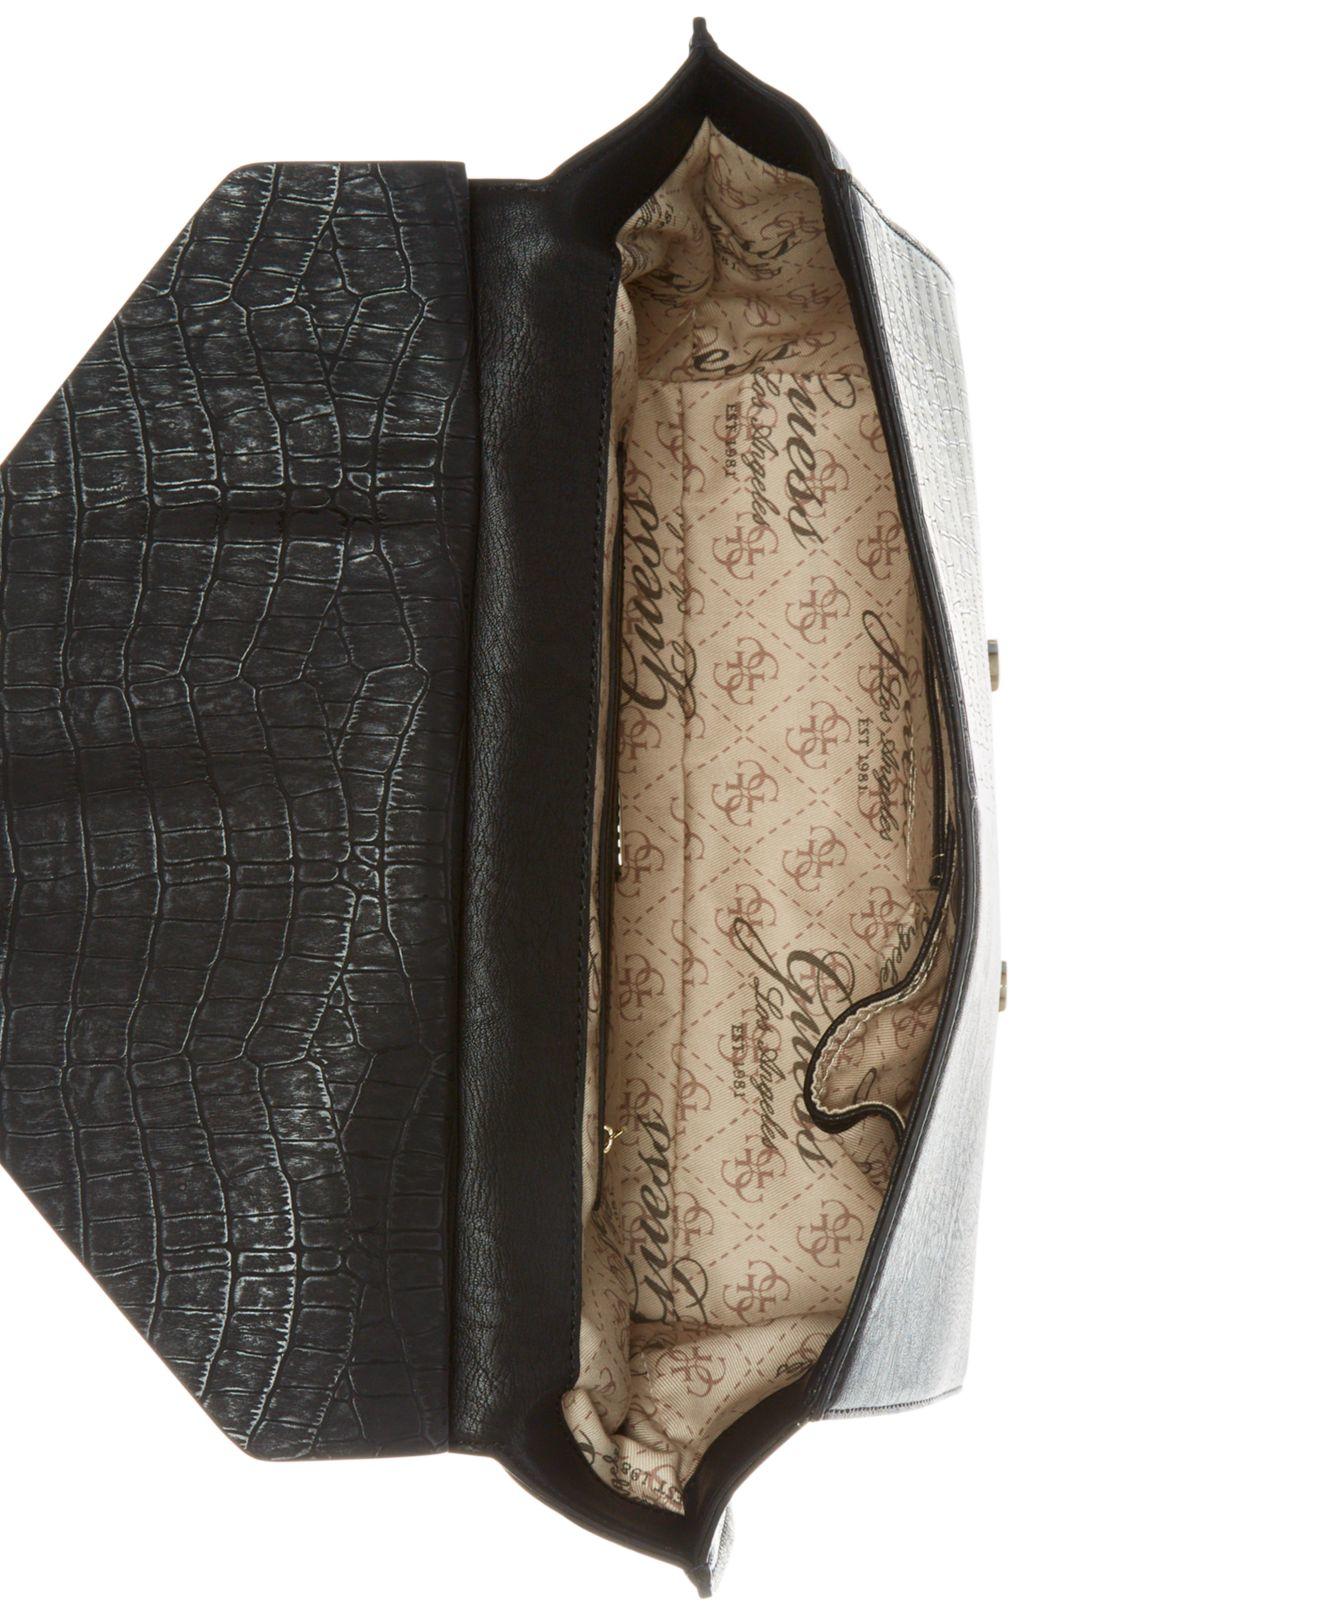 Lyst - Guess Casey Top Handle Flap Handbag in Black 7df953e1e57ef